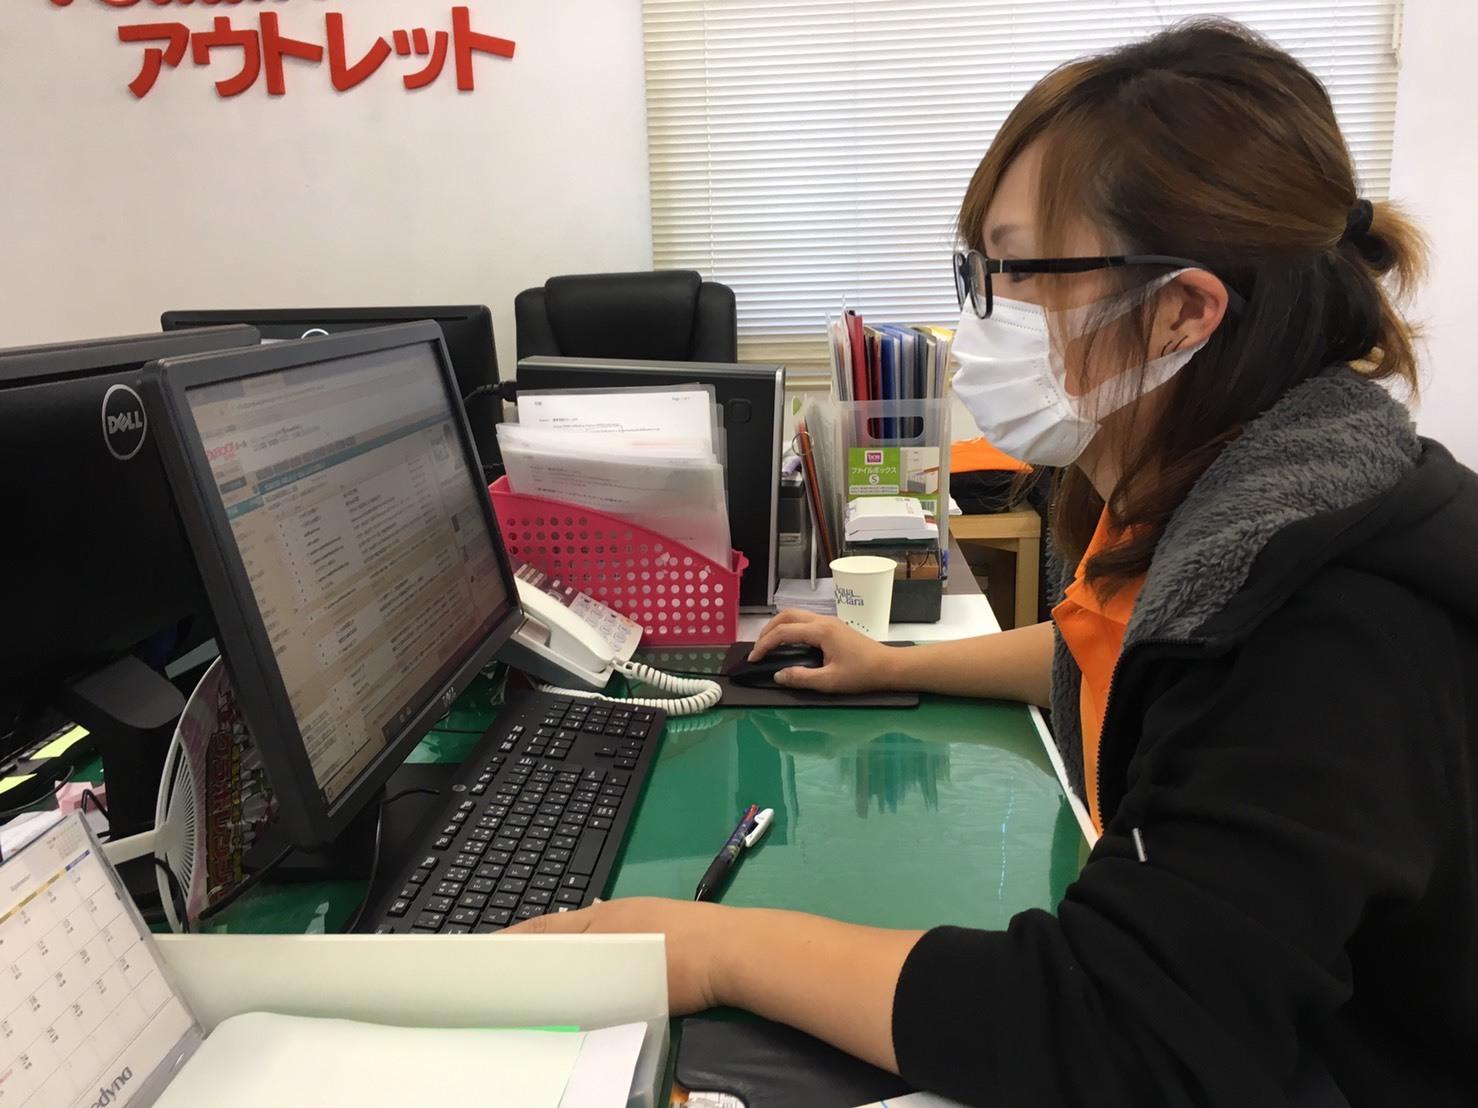 9月21日(土)☆TOMMYアウトレット☆あゆブログ(∩ˊ꒳ˋ∩)・*_b0127002_17253930.jpg